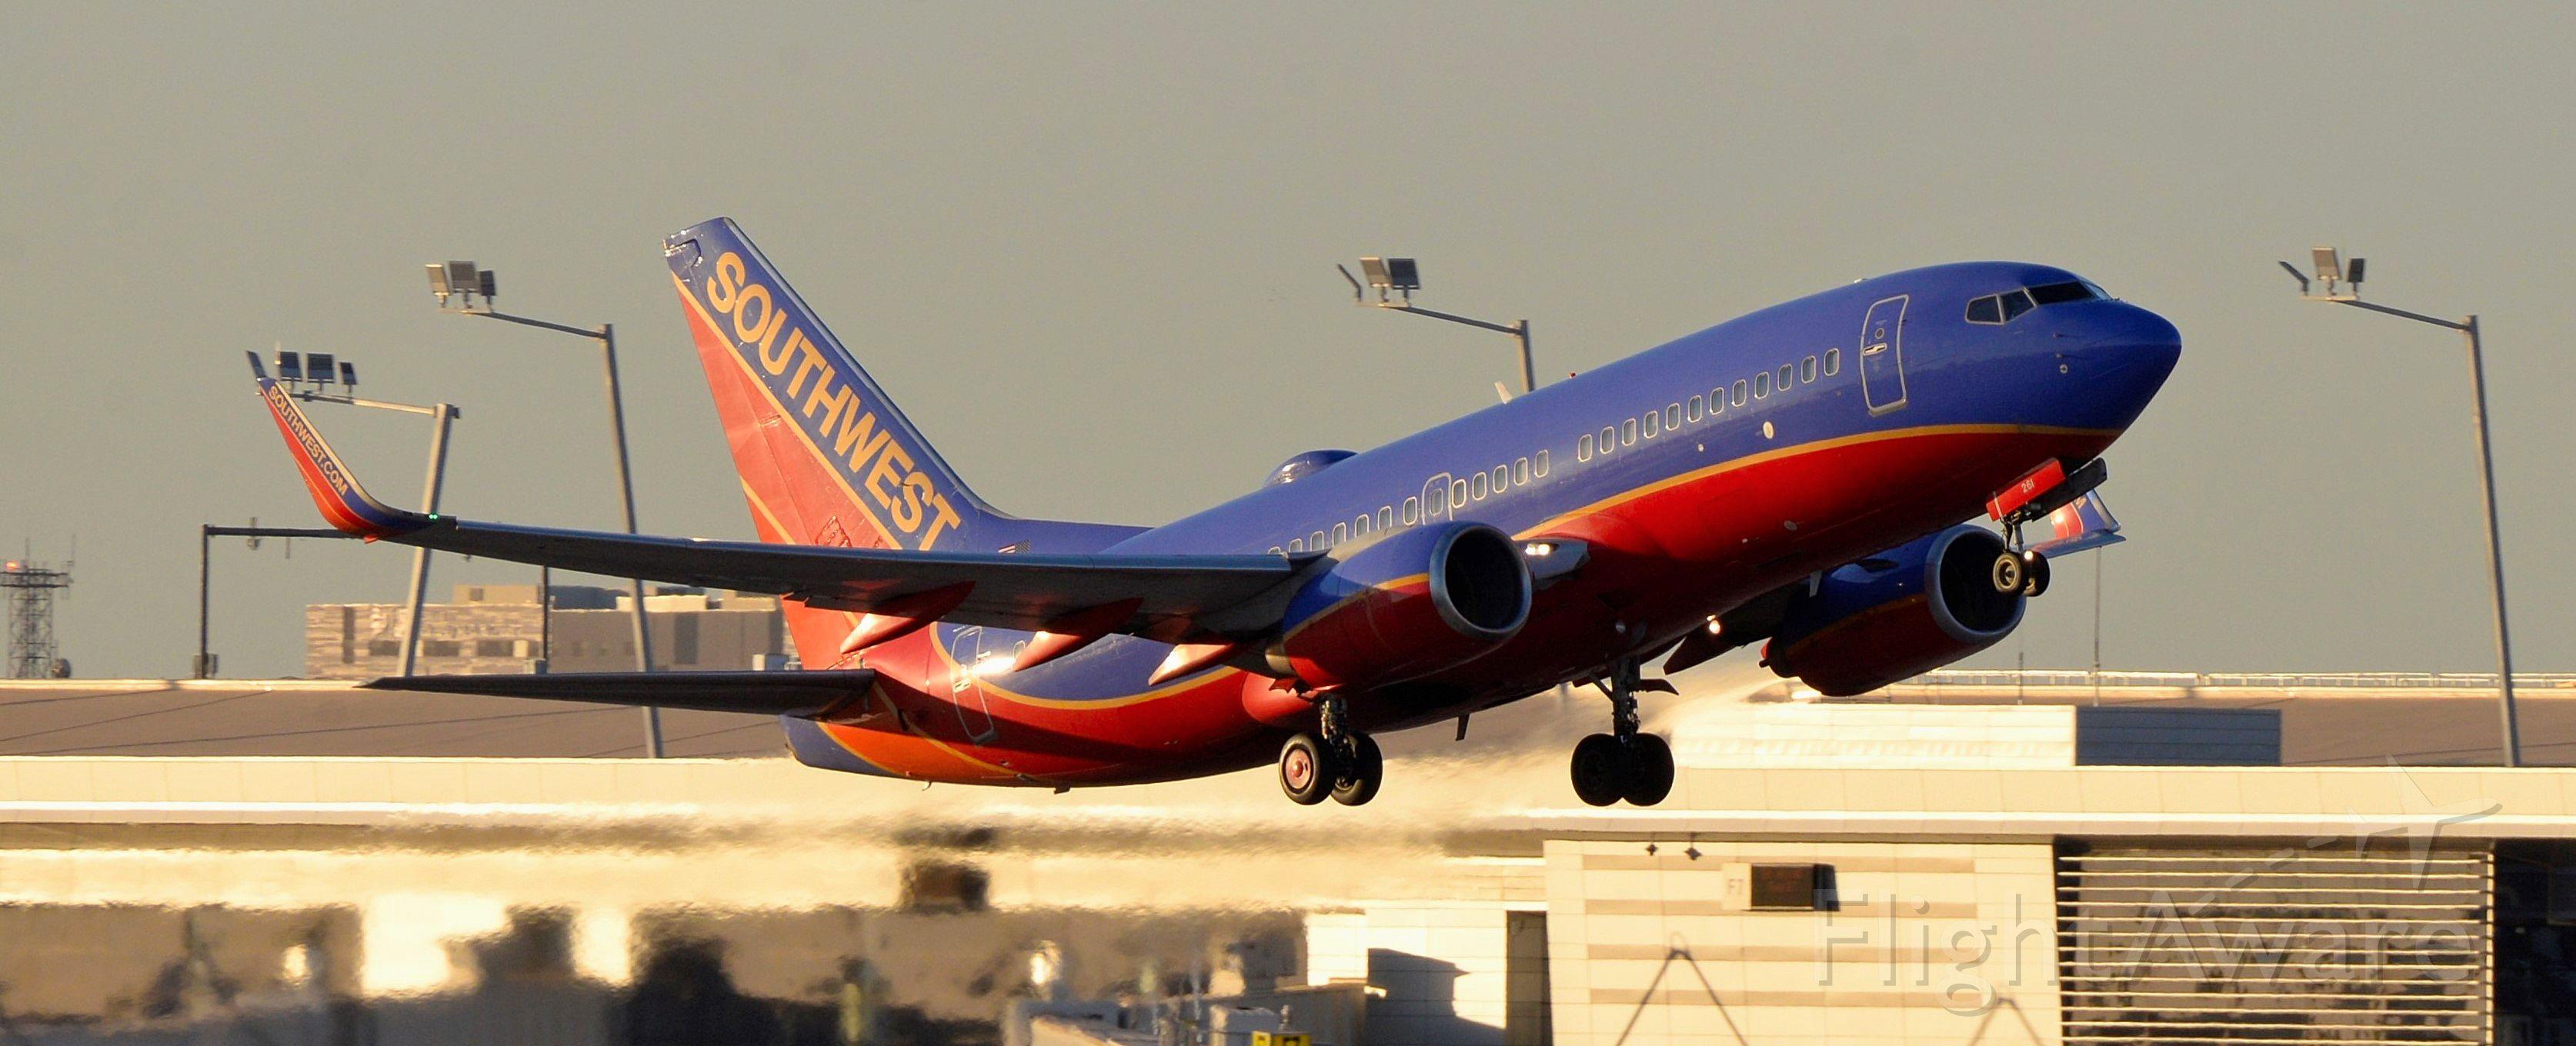 Boeing 737-700 (N261WN) - phoenix sky harbor international airport 02DEC20